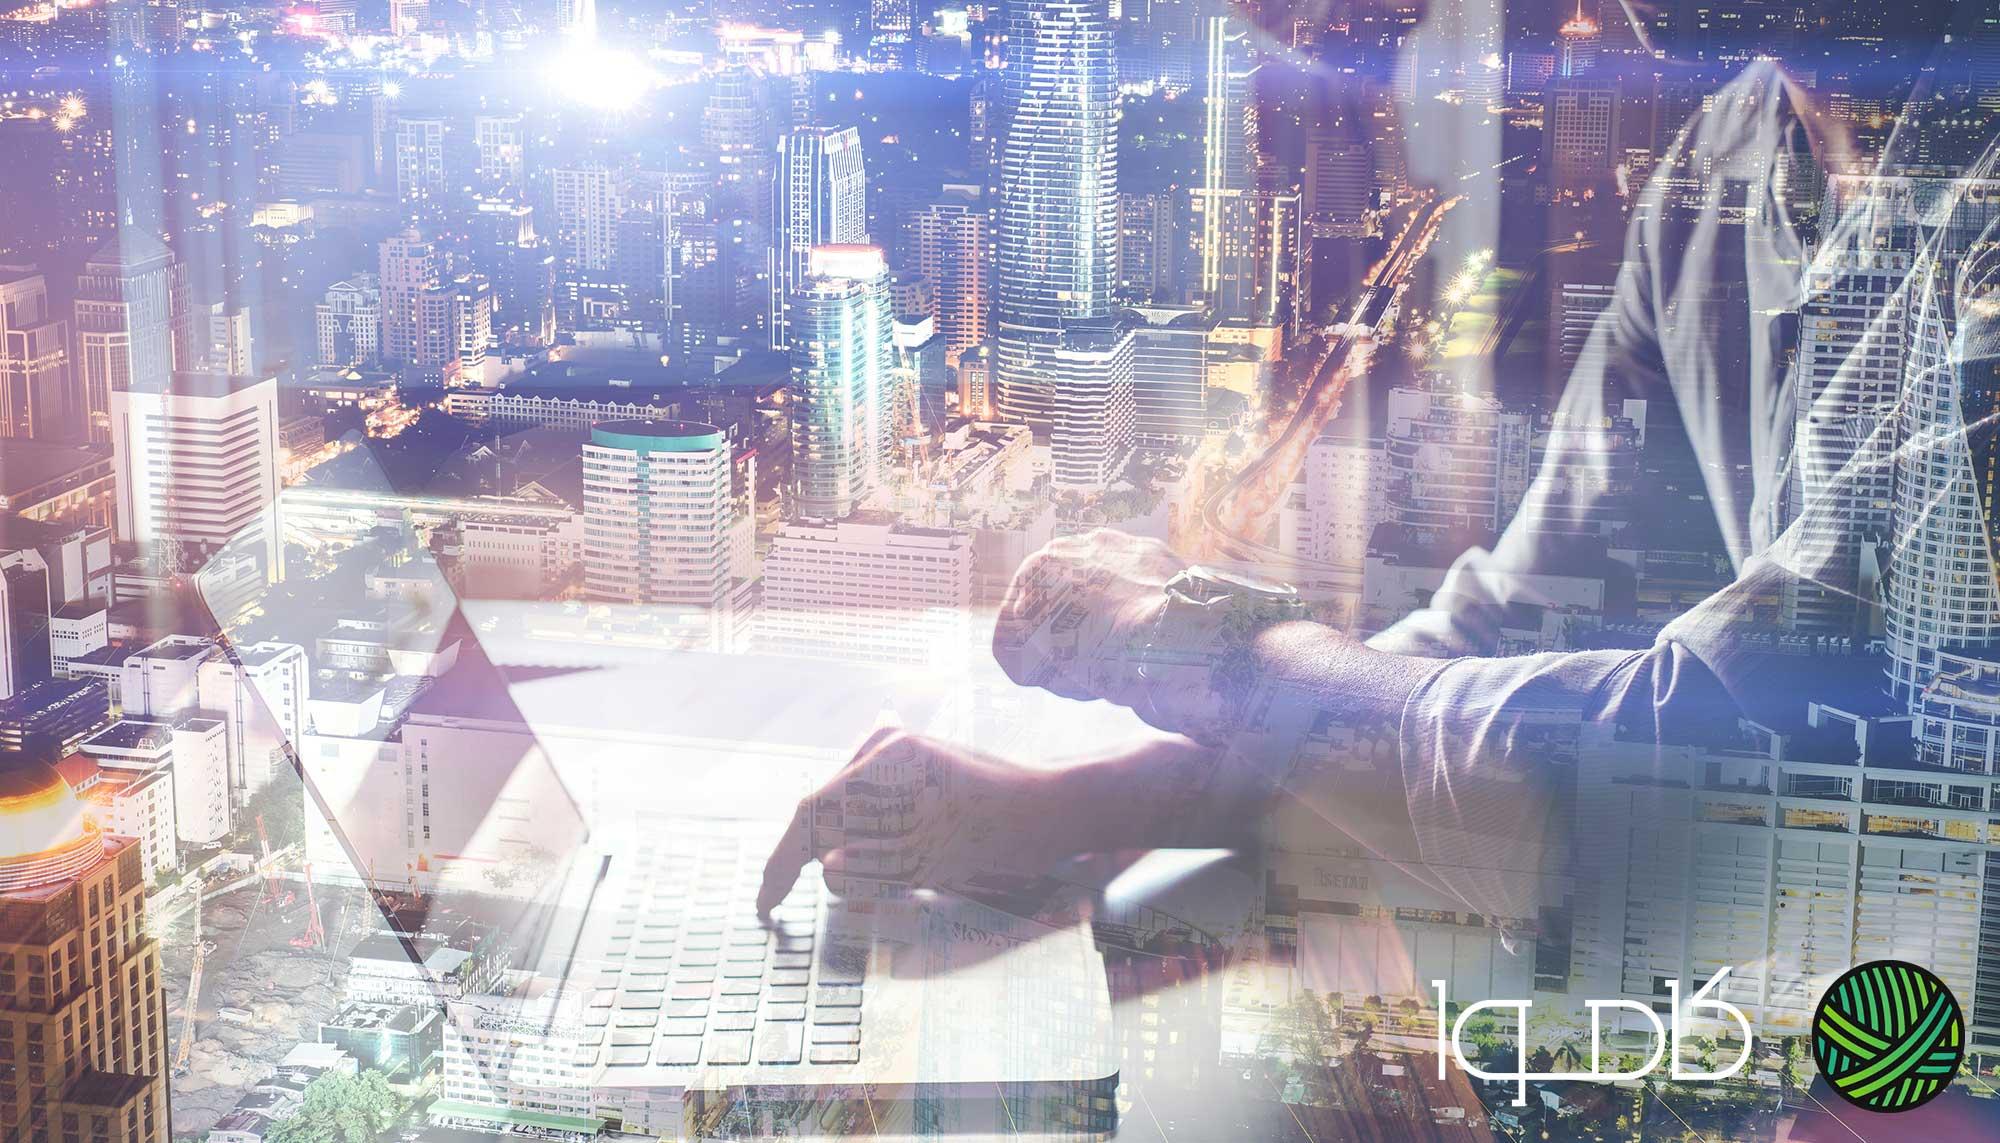 ۶ راهکار برای رونق کسبوکارهای کلاسیک در عصر دیجیتال